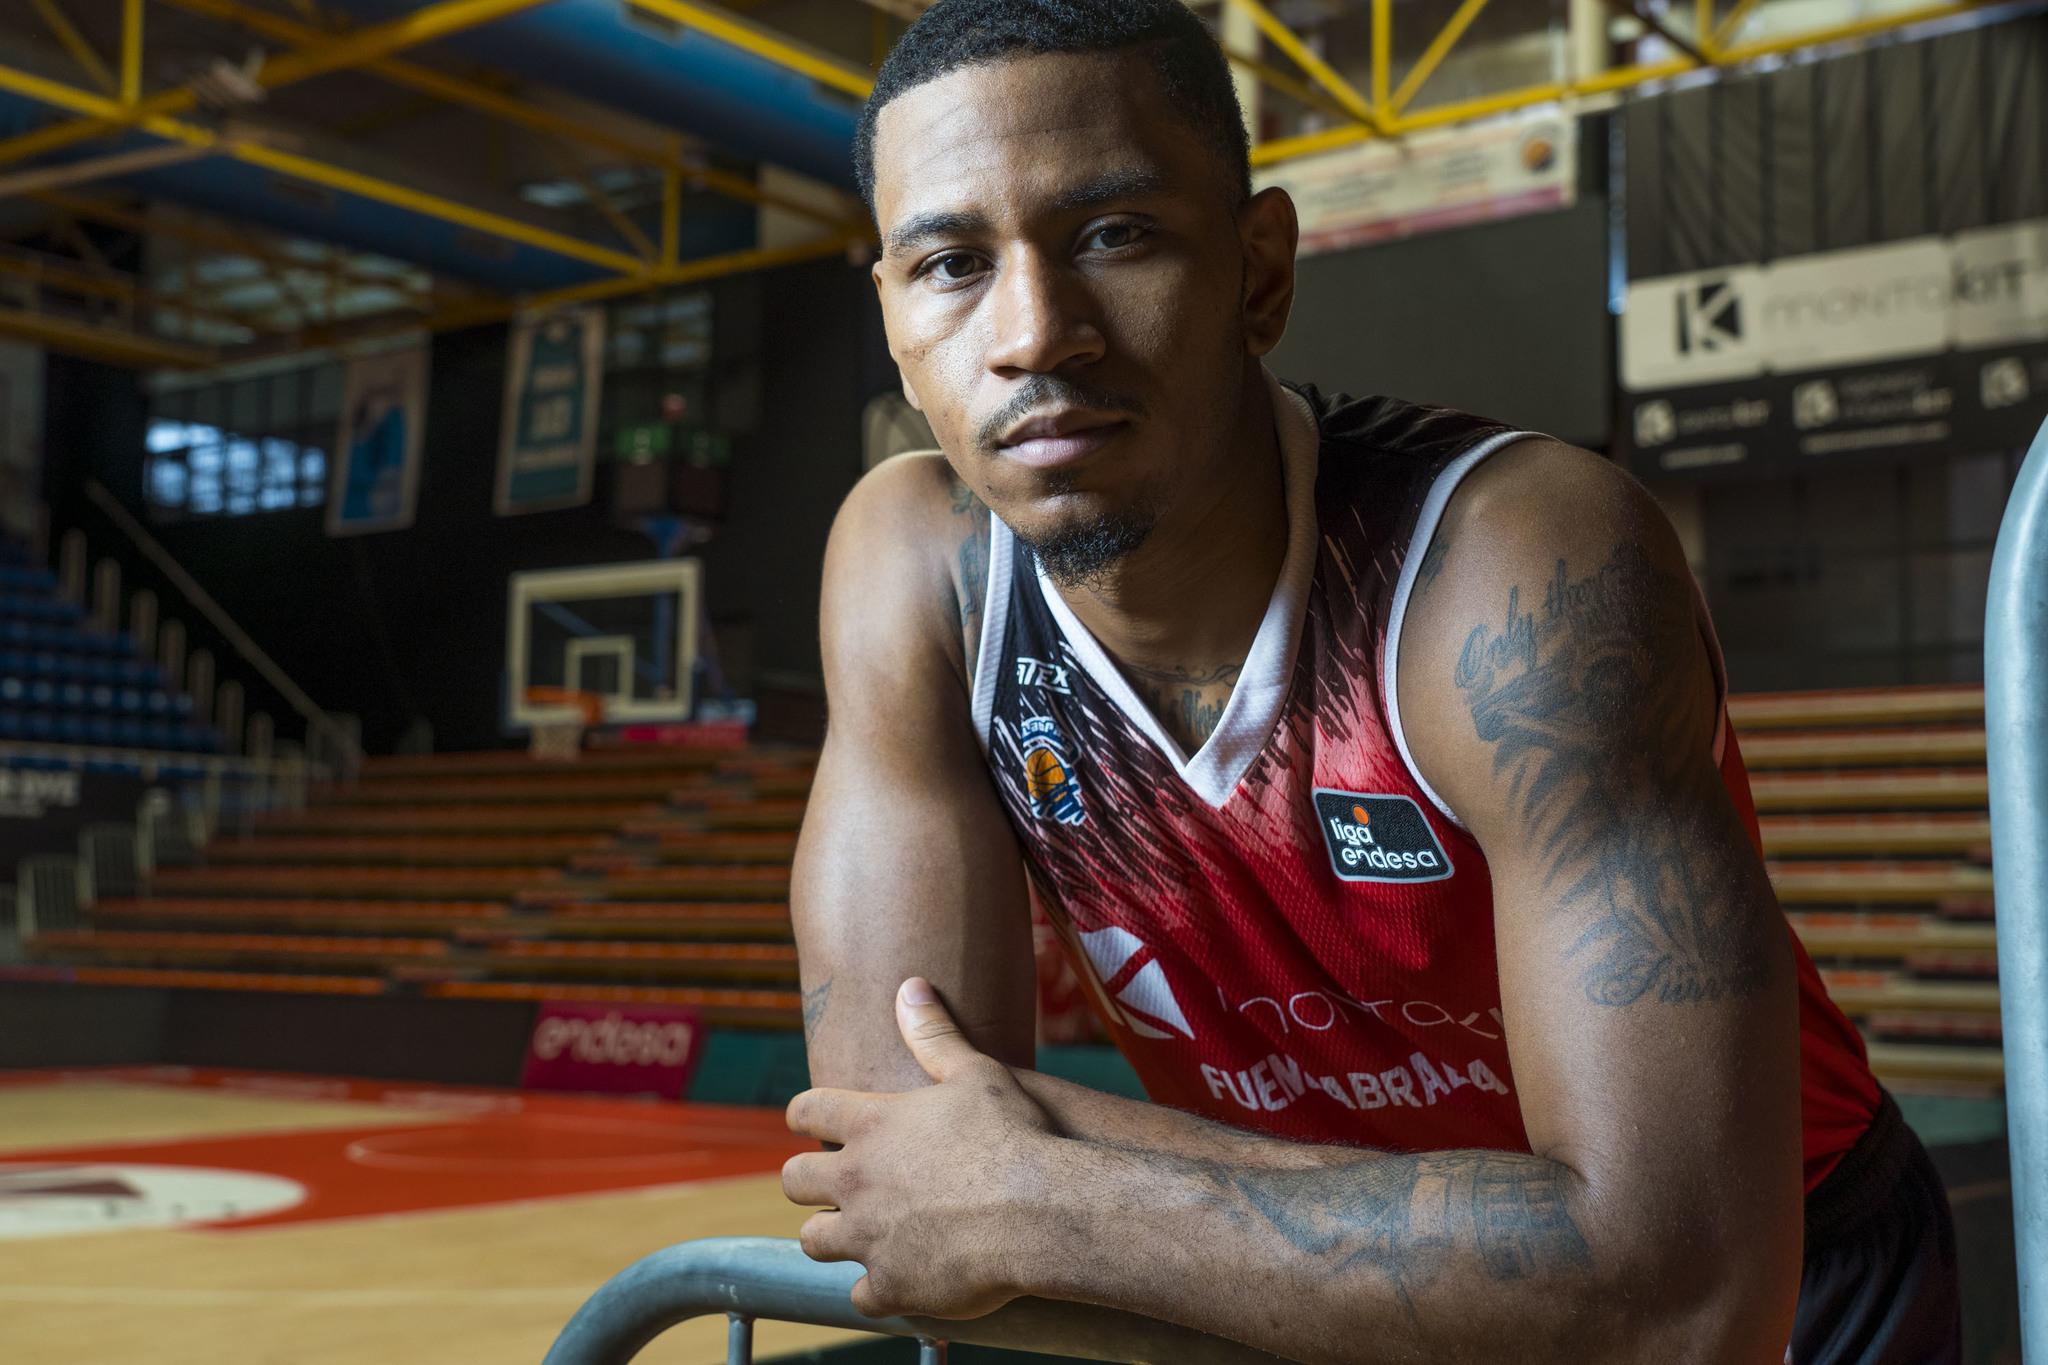 Angel Navarrete 09/10/2019 Fuenlabrada, Comunidad de Madrid Deportes El jugador de baloncesto americano <HIT>Karvel</HIT> Anderson, presta sus servicios en Fuenlabrada